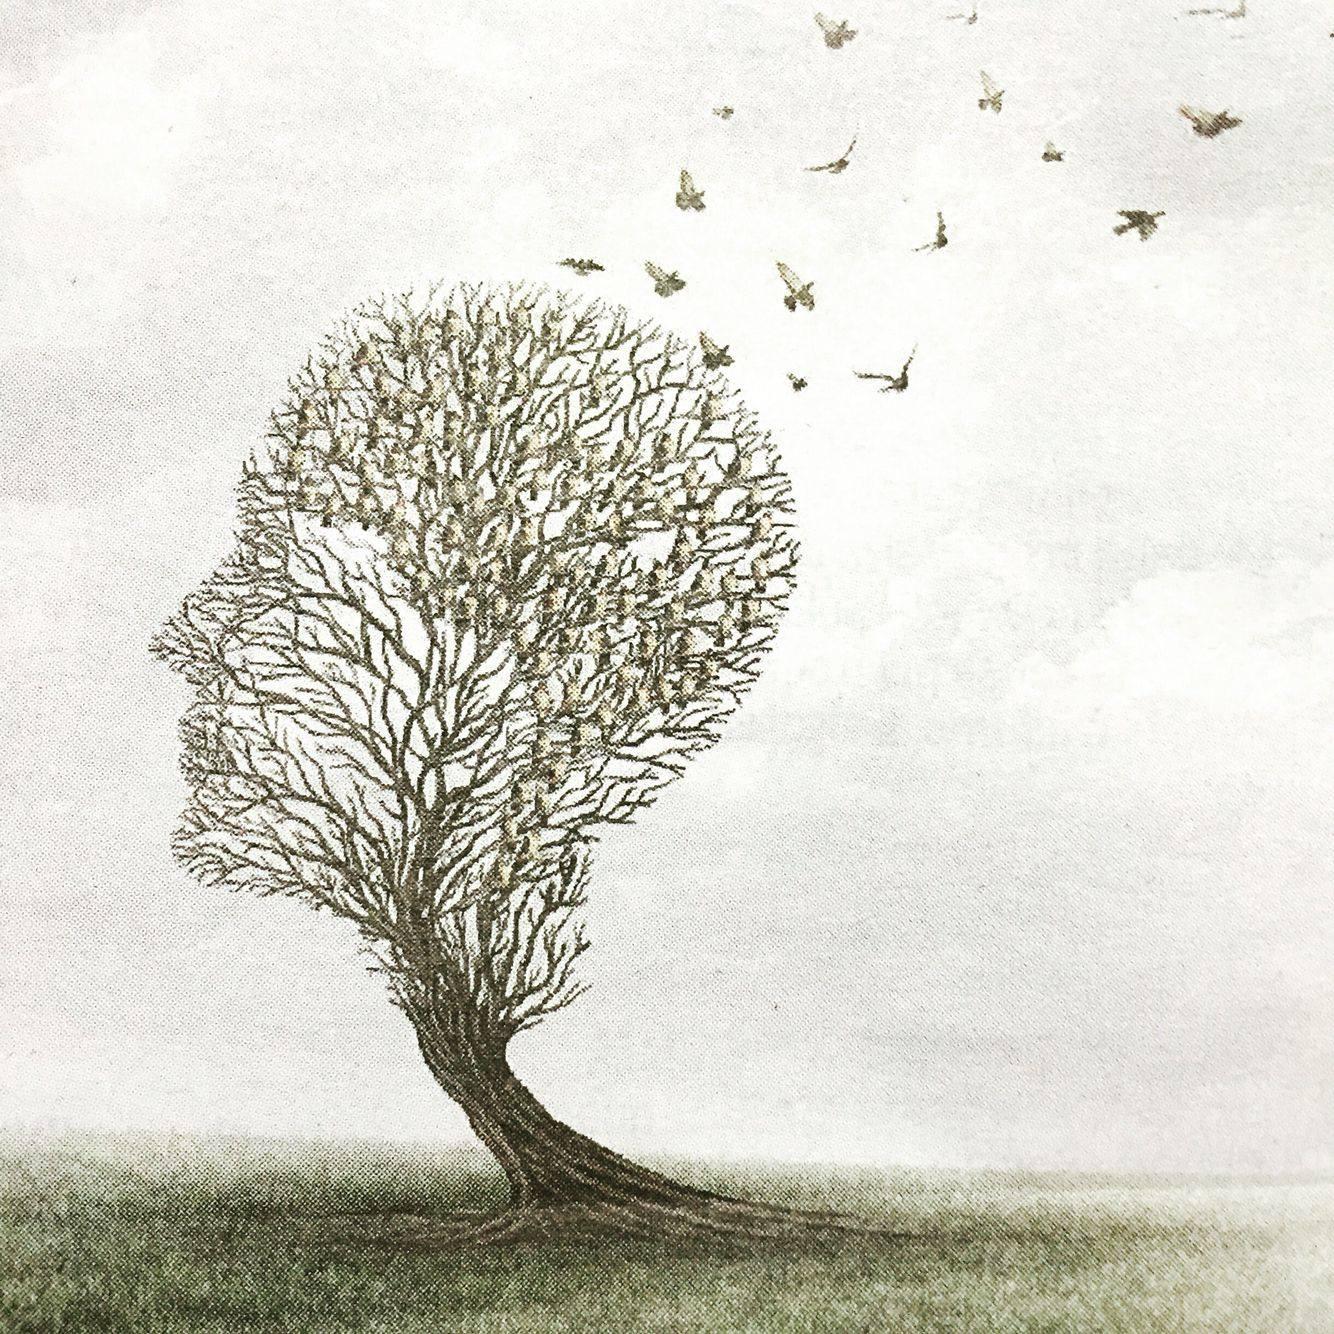 pensiero-libero